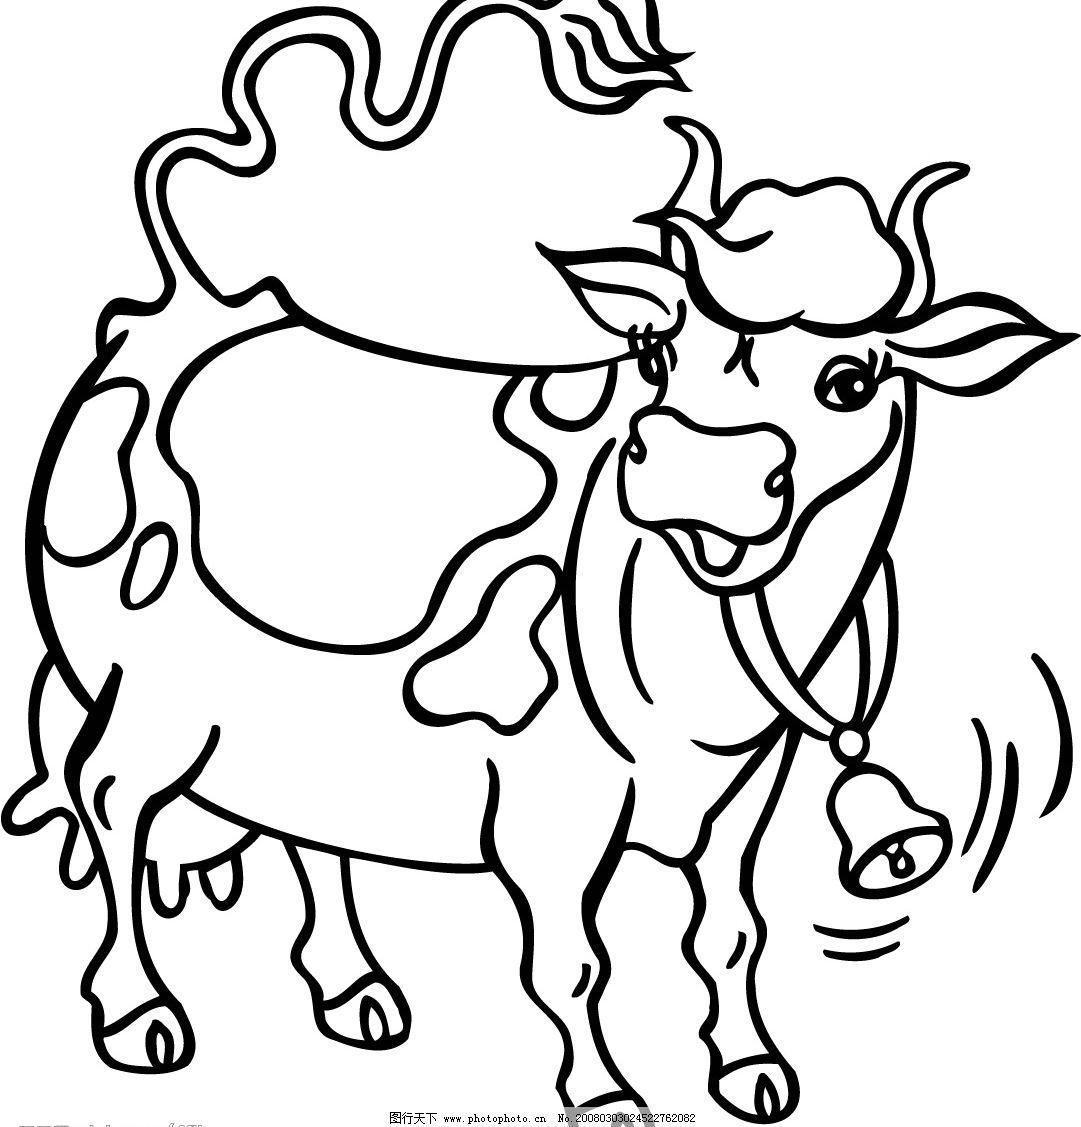 俄罗斯矢量图-牛2图片